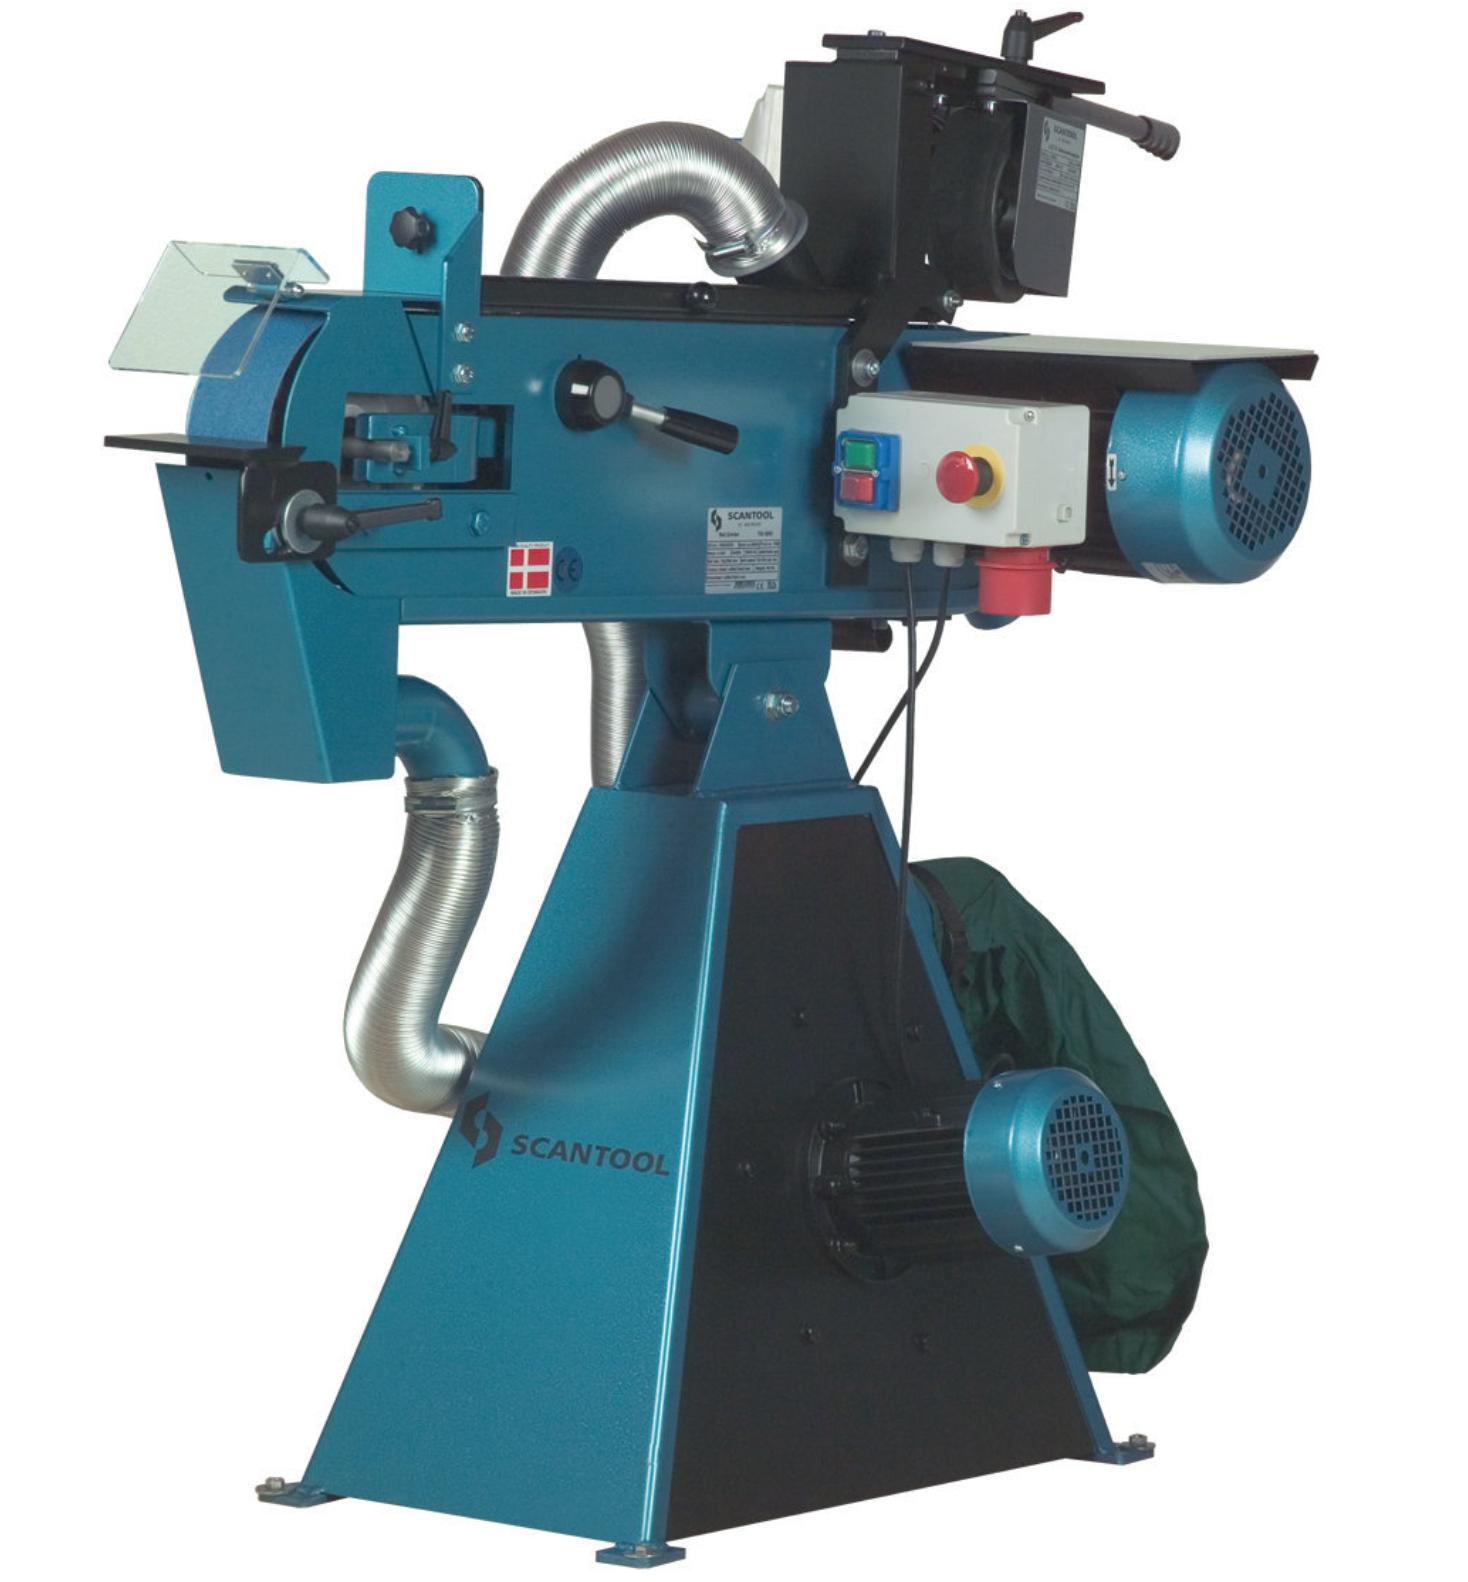 Szlifierka taśmowa Scantool 75CGX z przystawką do obróbki rur 6-120mm z odciągiem pyłów - 3,0 kW